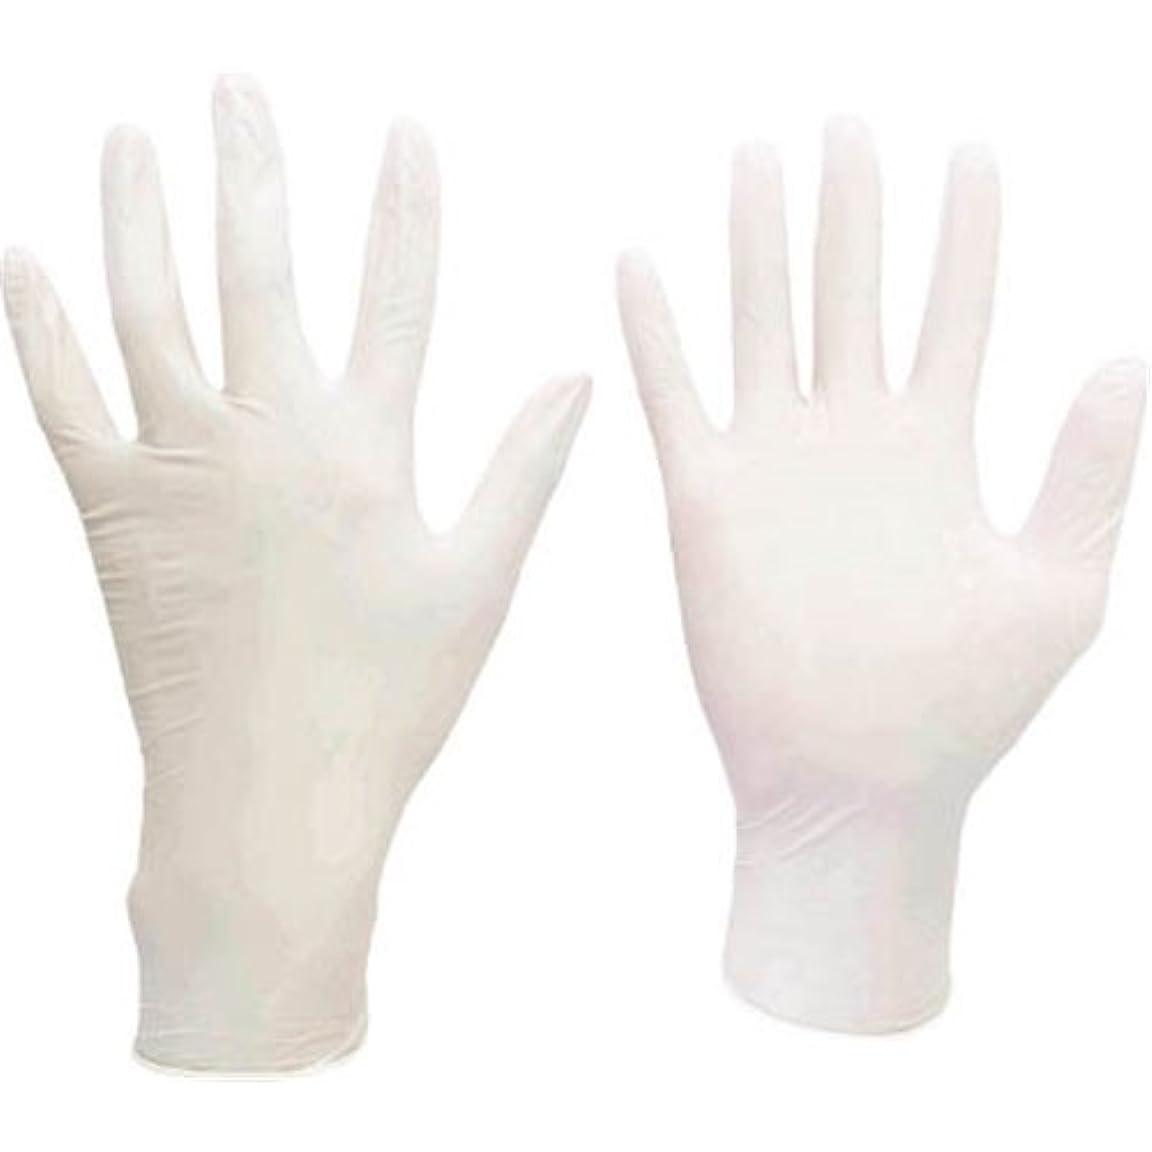 スクラップメモストリップミドリ安全/ミドリ安全 ニトリル使い捨て手袋 極薄 粉なし 100枚入 白 M(3889084) VERTE-711-M